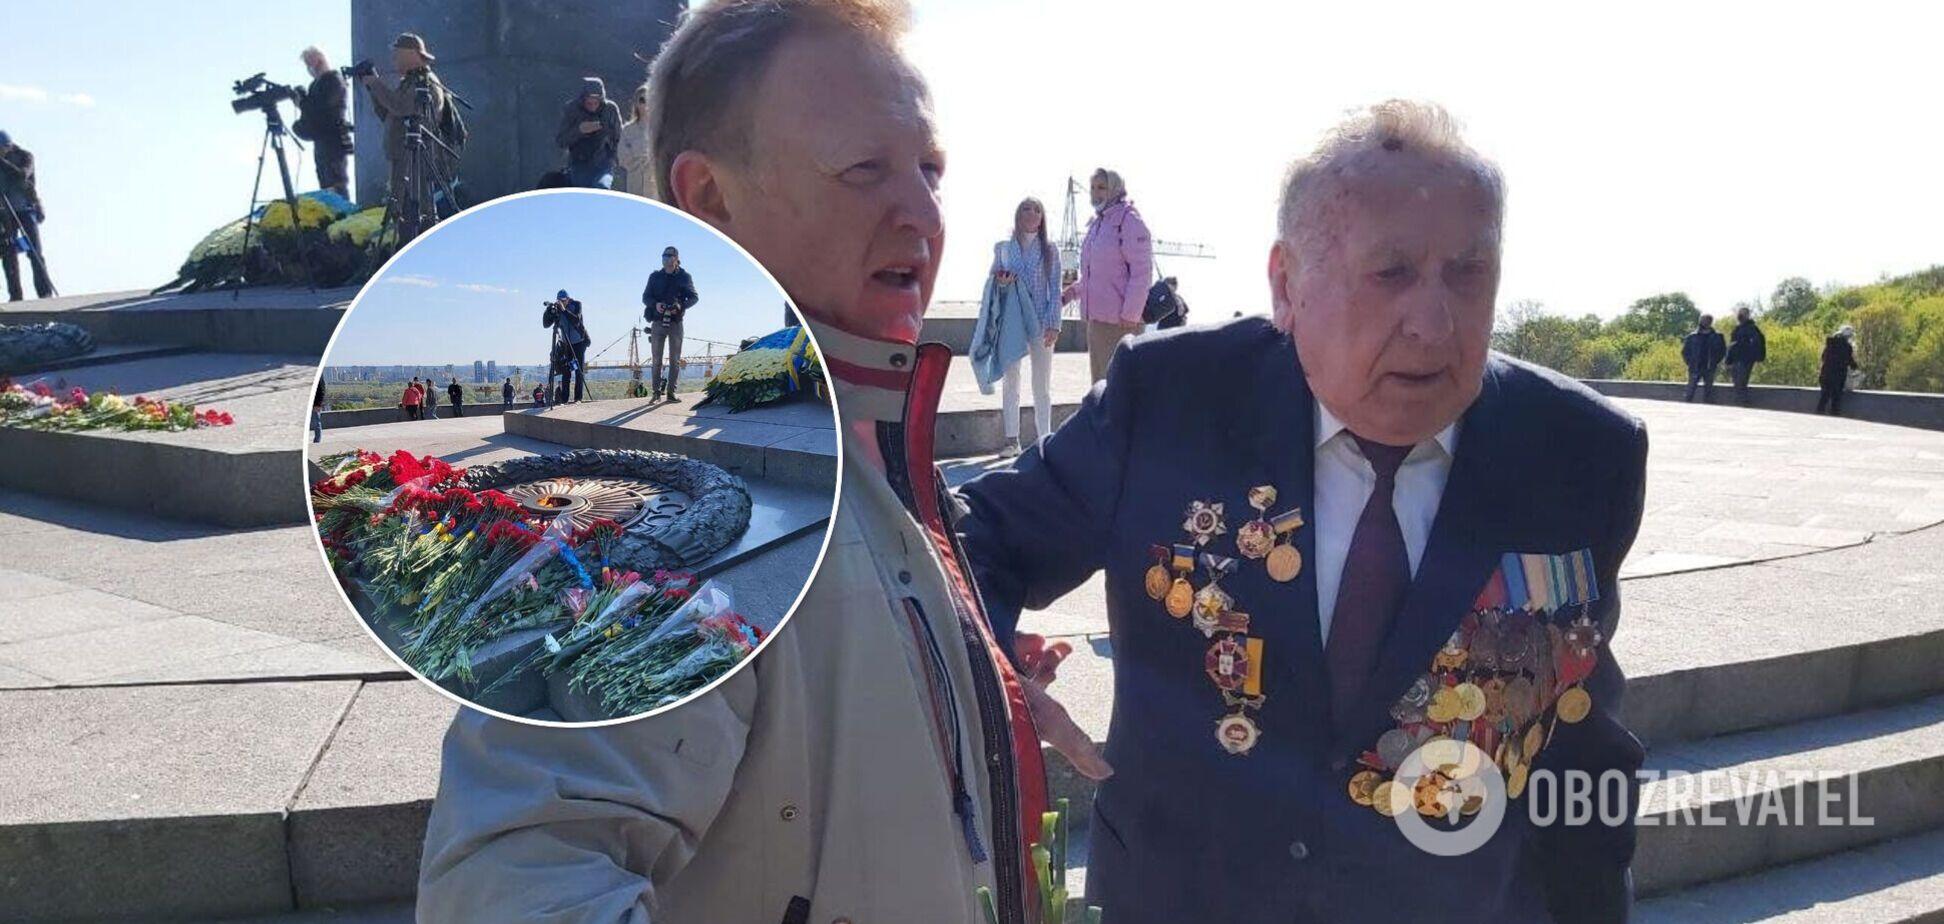 Комуністи, образа ветерана АТО й націоналісти: як пройшов День Перемоги в Києві: Фото, відео